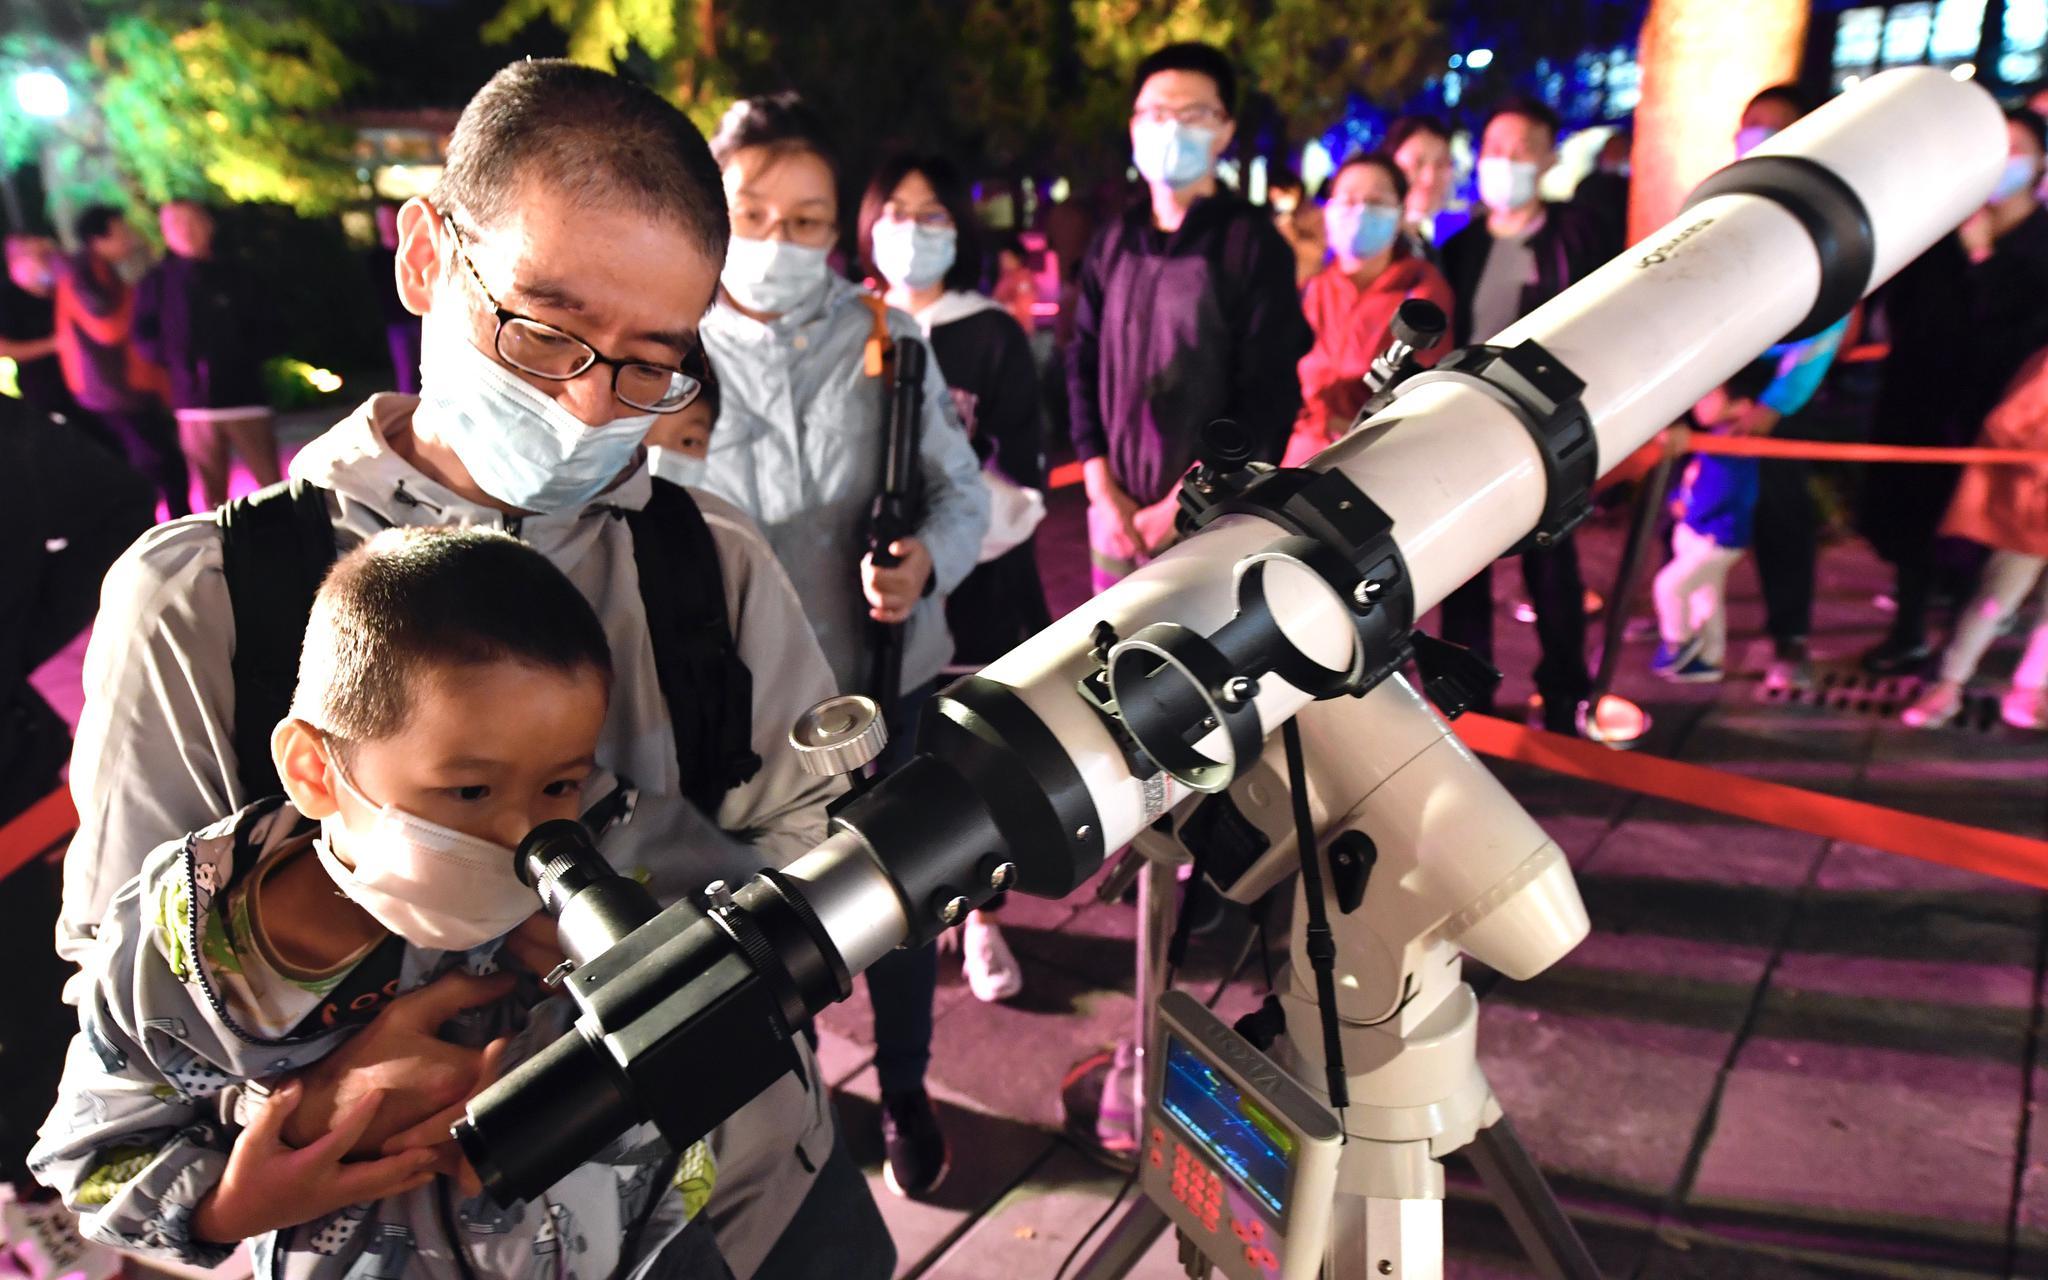 天文馆之夜首次登陆北京古观象台 专家讲解月亮文化图片